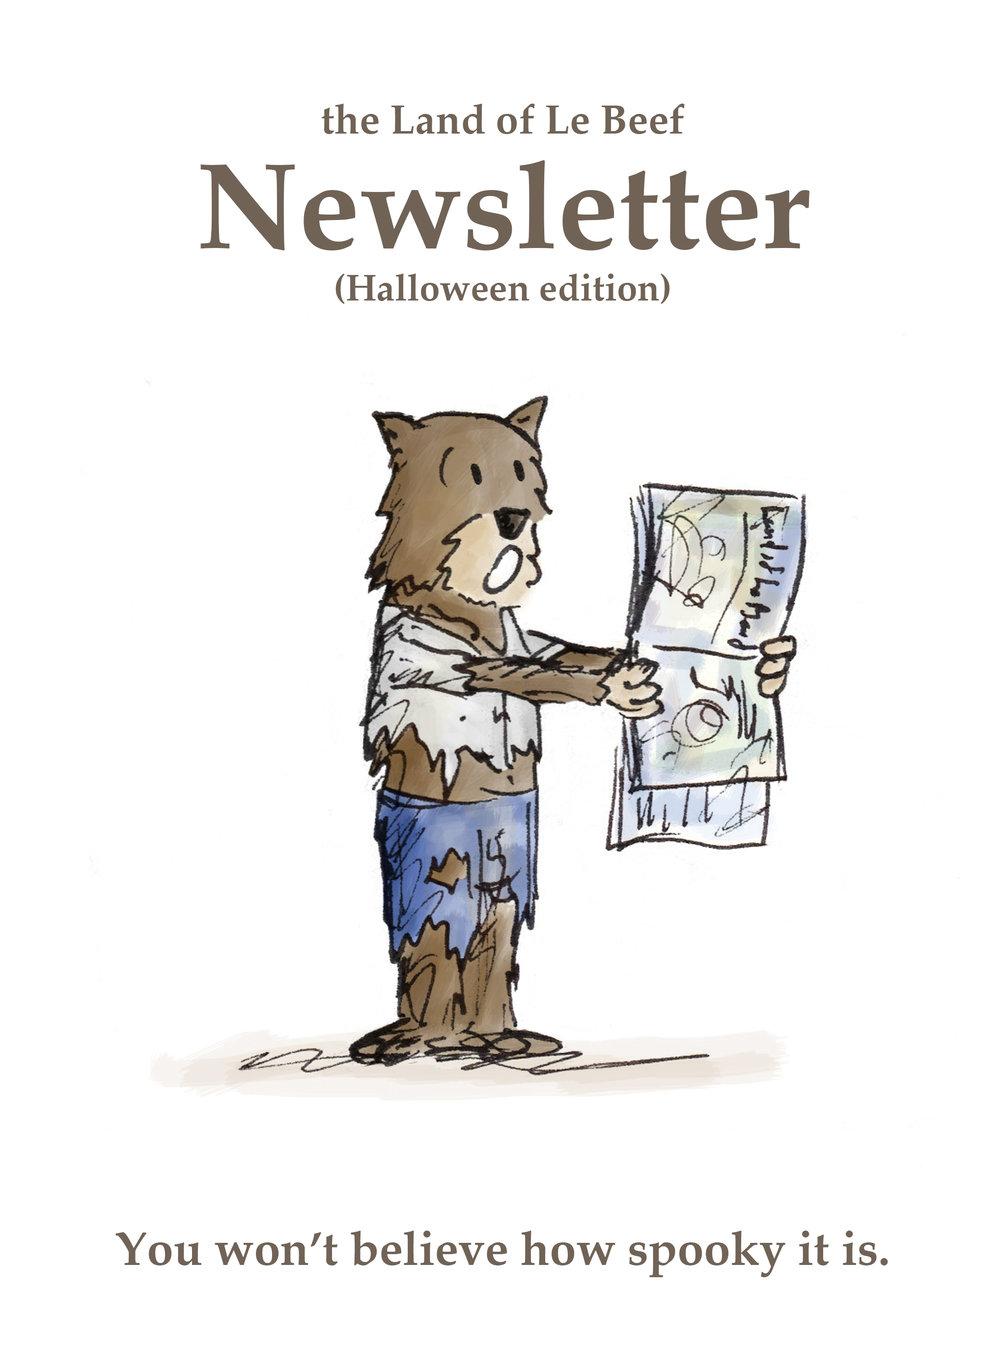 1610_Newsletter-Ad_01.jpg